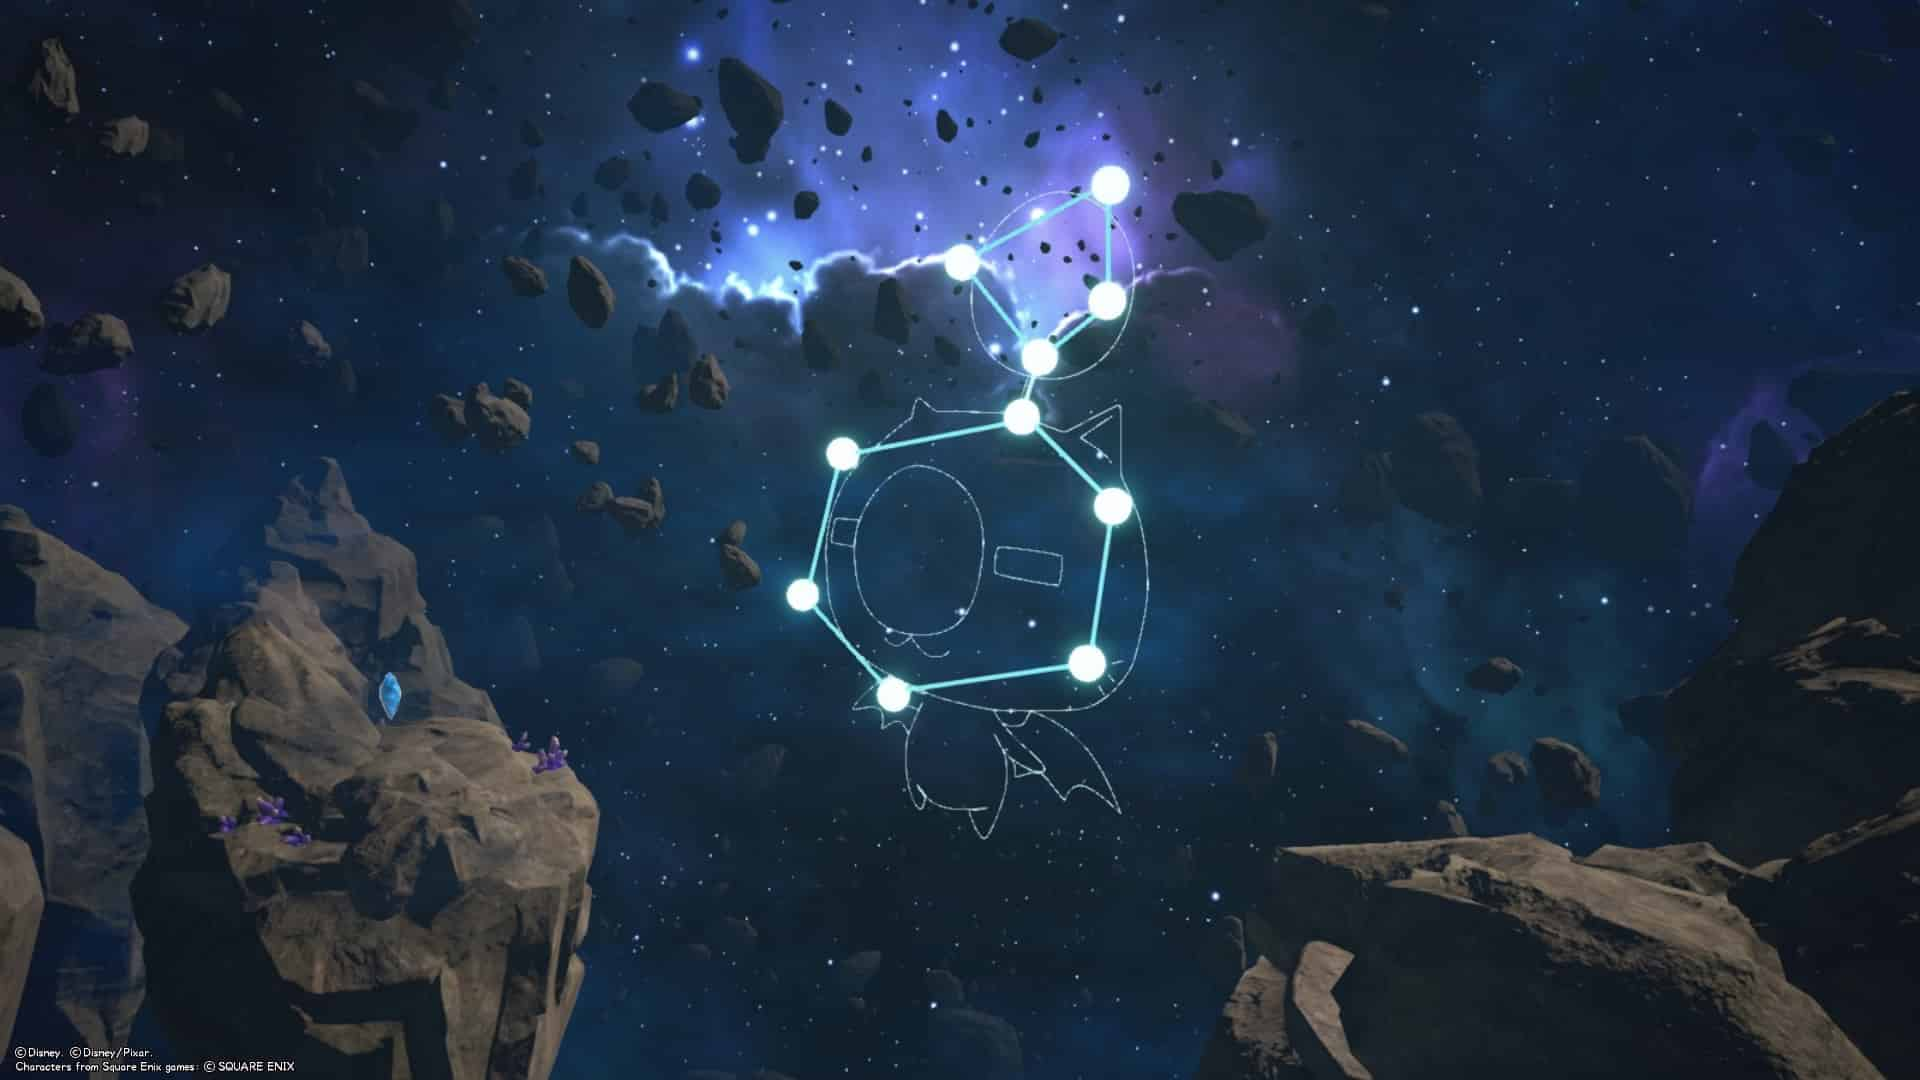 モーグリ星座